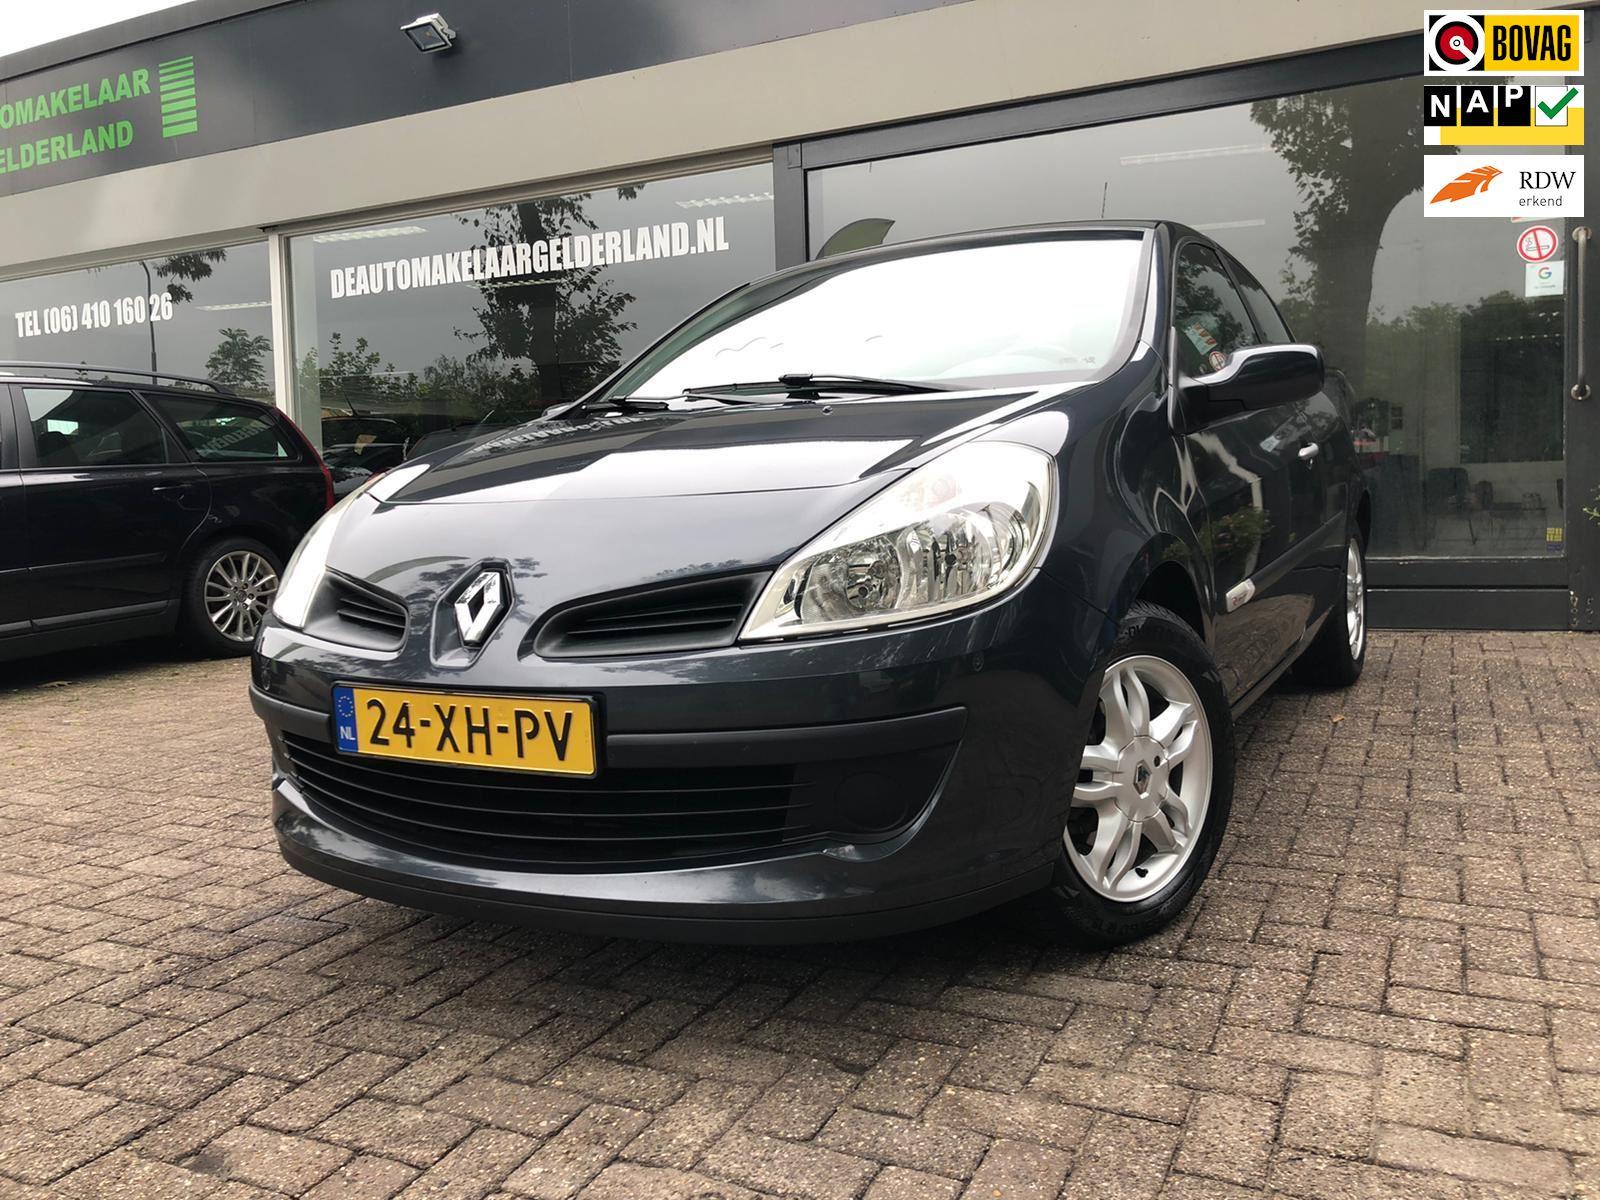 Renault Clio occasion - De Automakelaar Gelderland